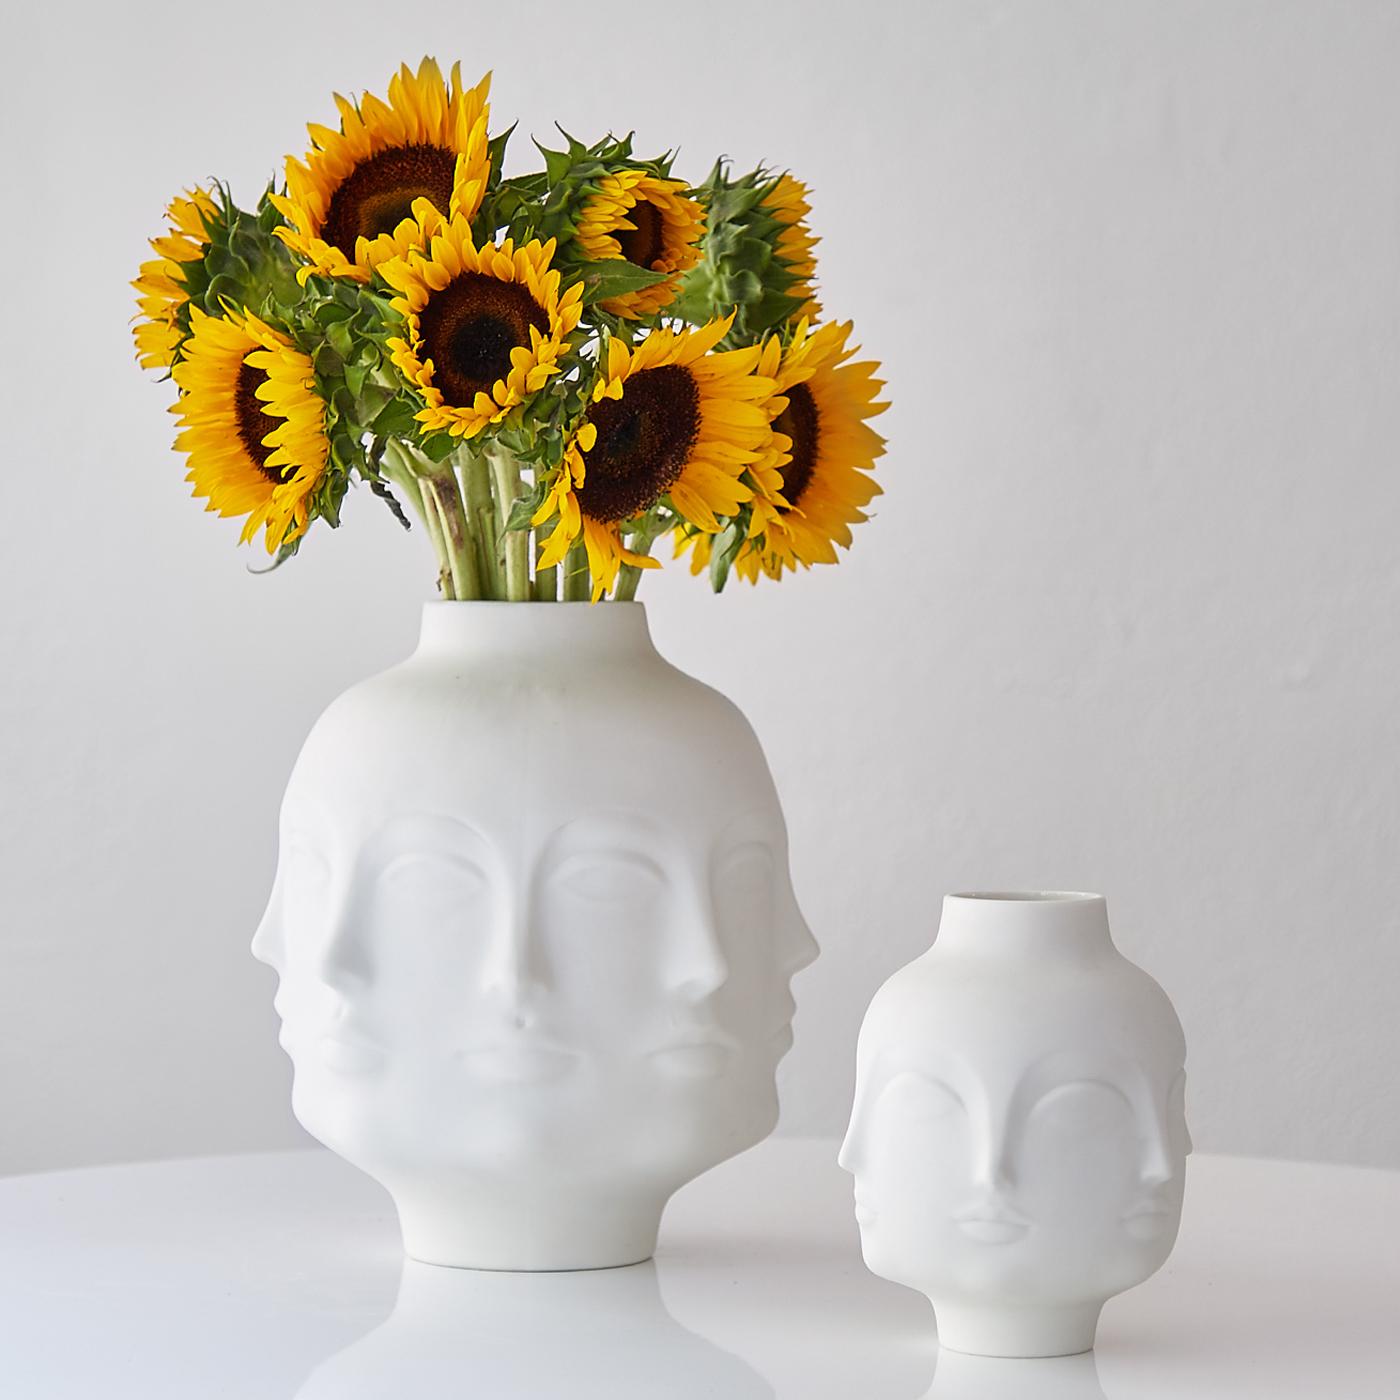 Jonathan Adler muse dora maar vase